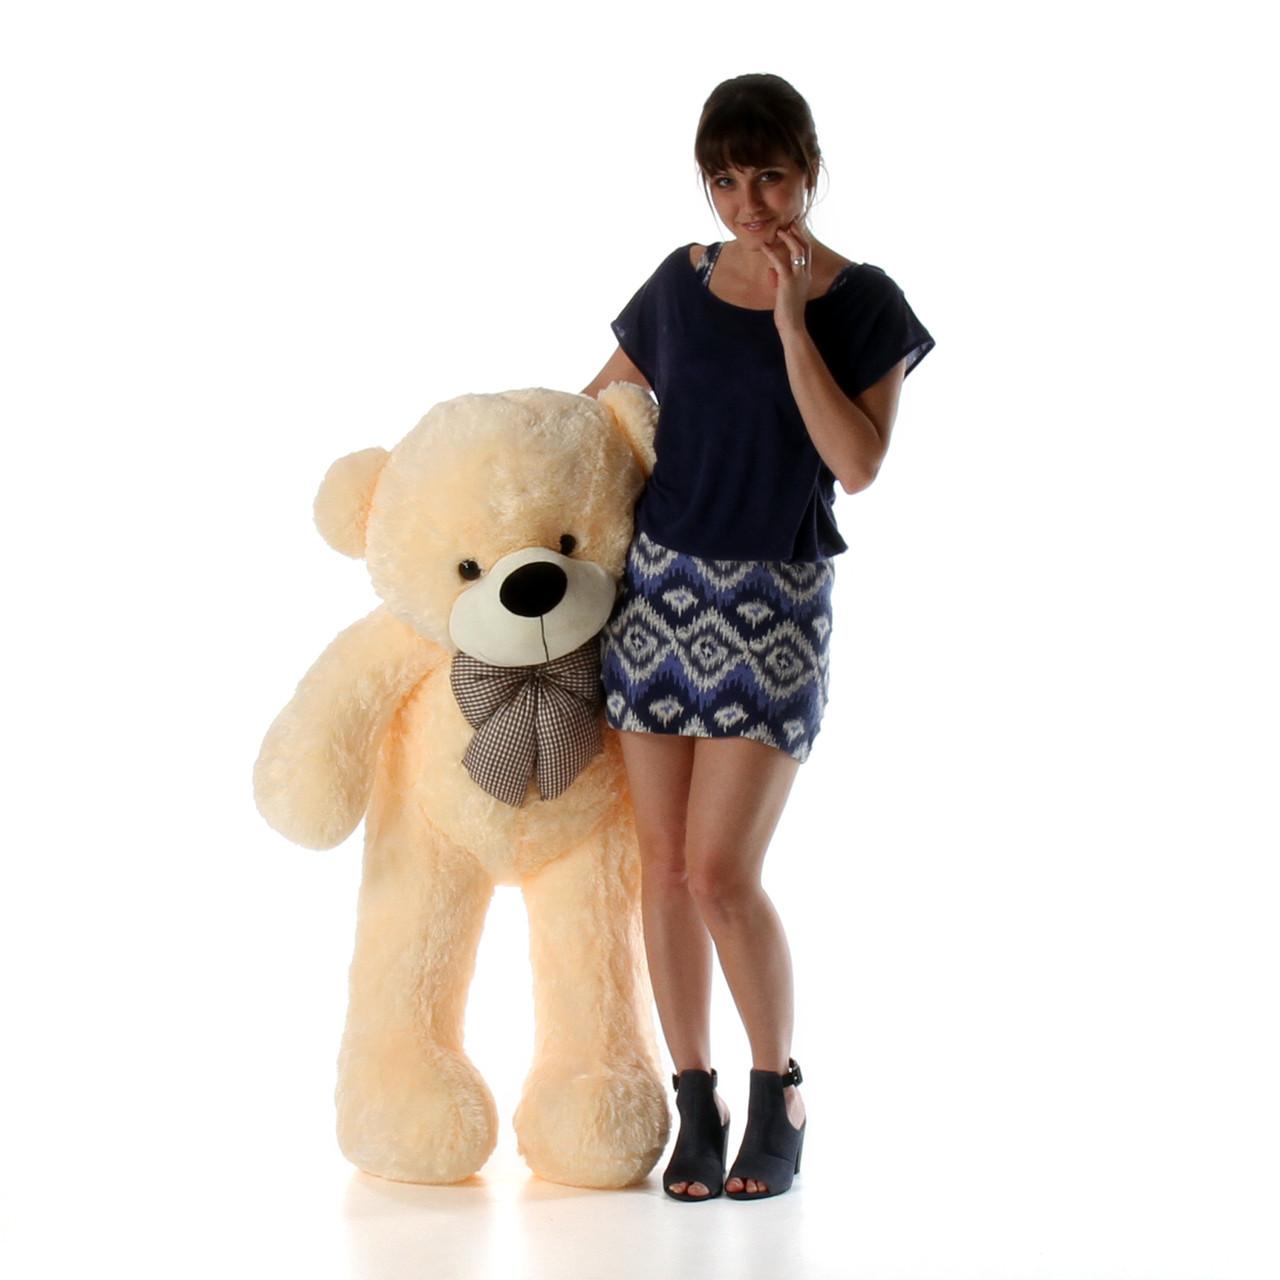 Super Soft Cozy Cuddles 48 inch Cream Teddy Bear